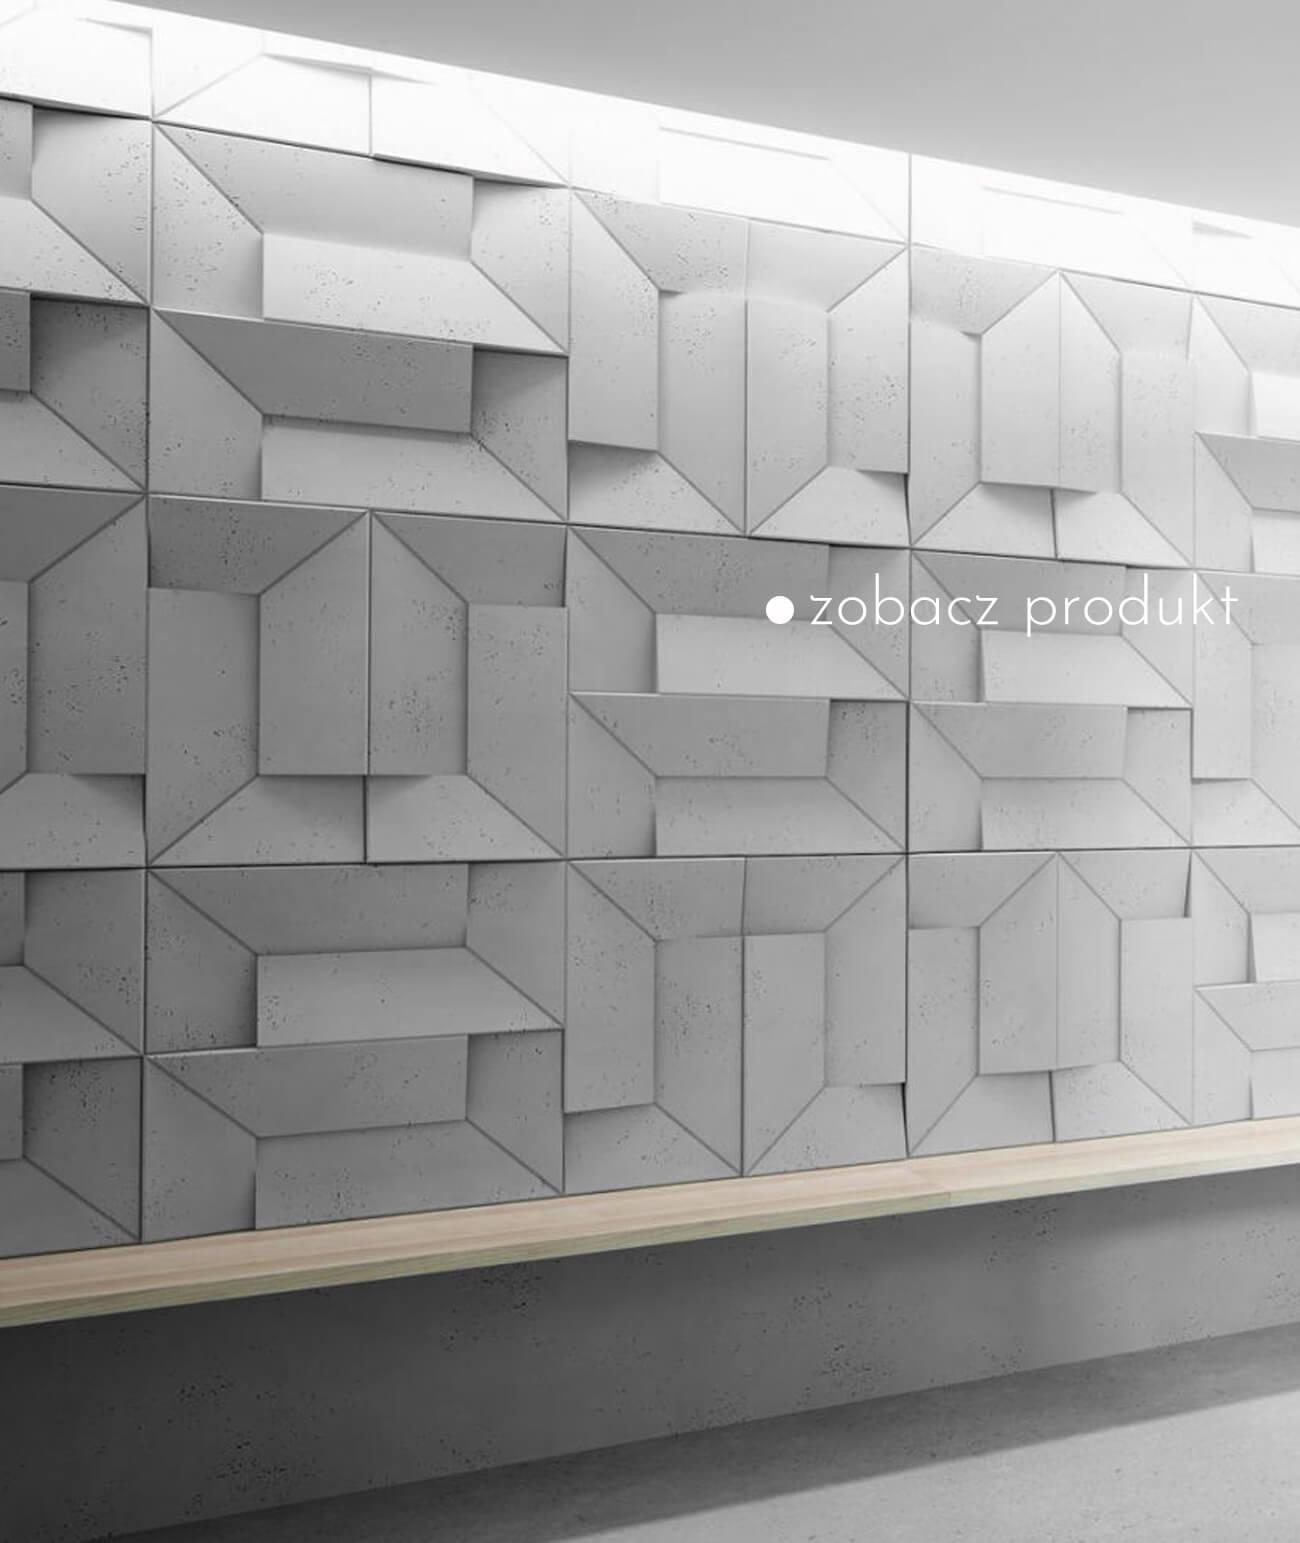 panele-betonowe-3d-scienne-i-elewacyjne-beton-architektoniczny_870-19765-pb26-s95-jasny-szary-golabkowy-ori---panel-dekor-3d-beton-architektoniczny-panel-scienny